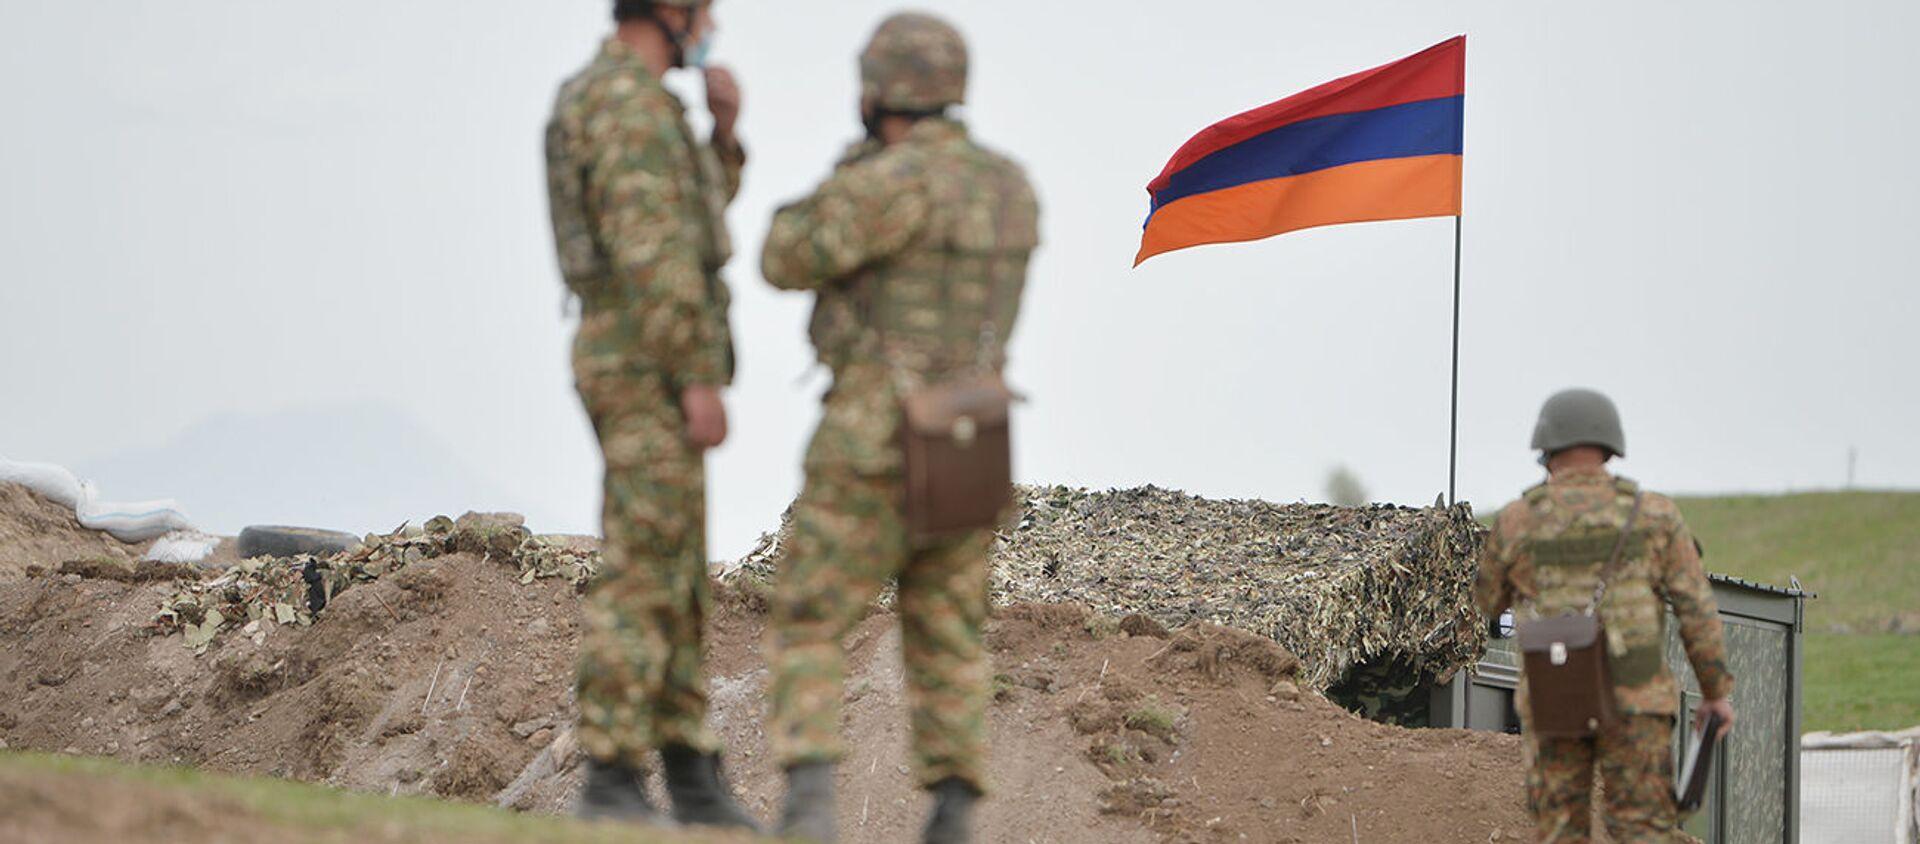 Армянские военнослужащие на армянсо-азербайджанской границе - Sputnik Արմենիա, 1920, 15.06.2021